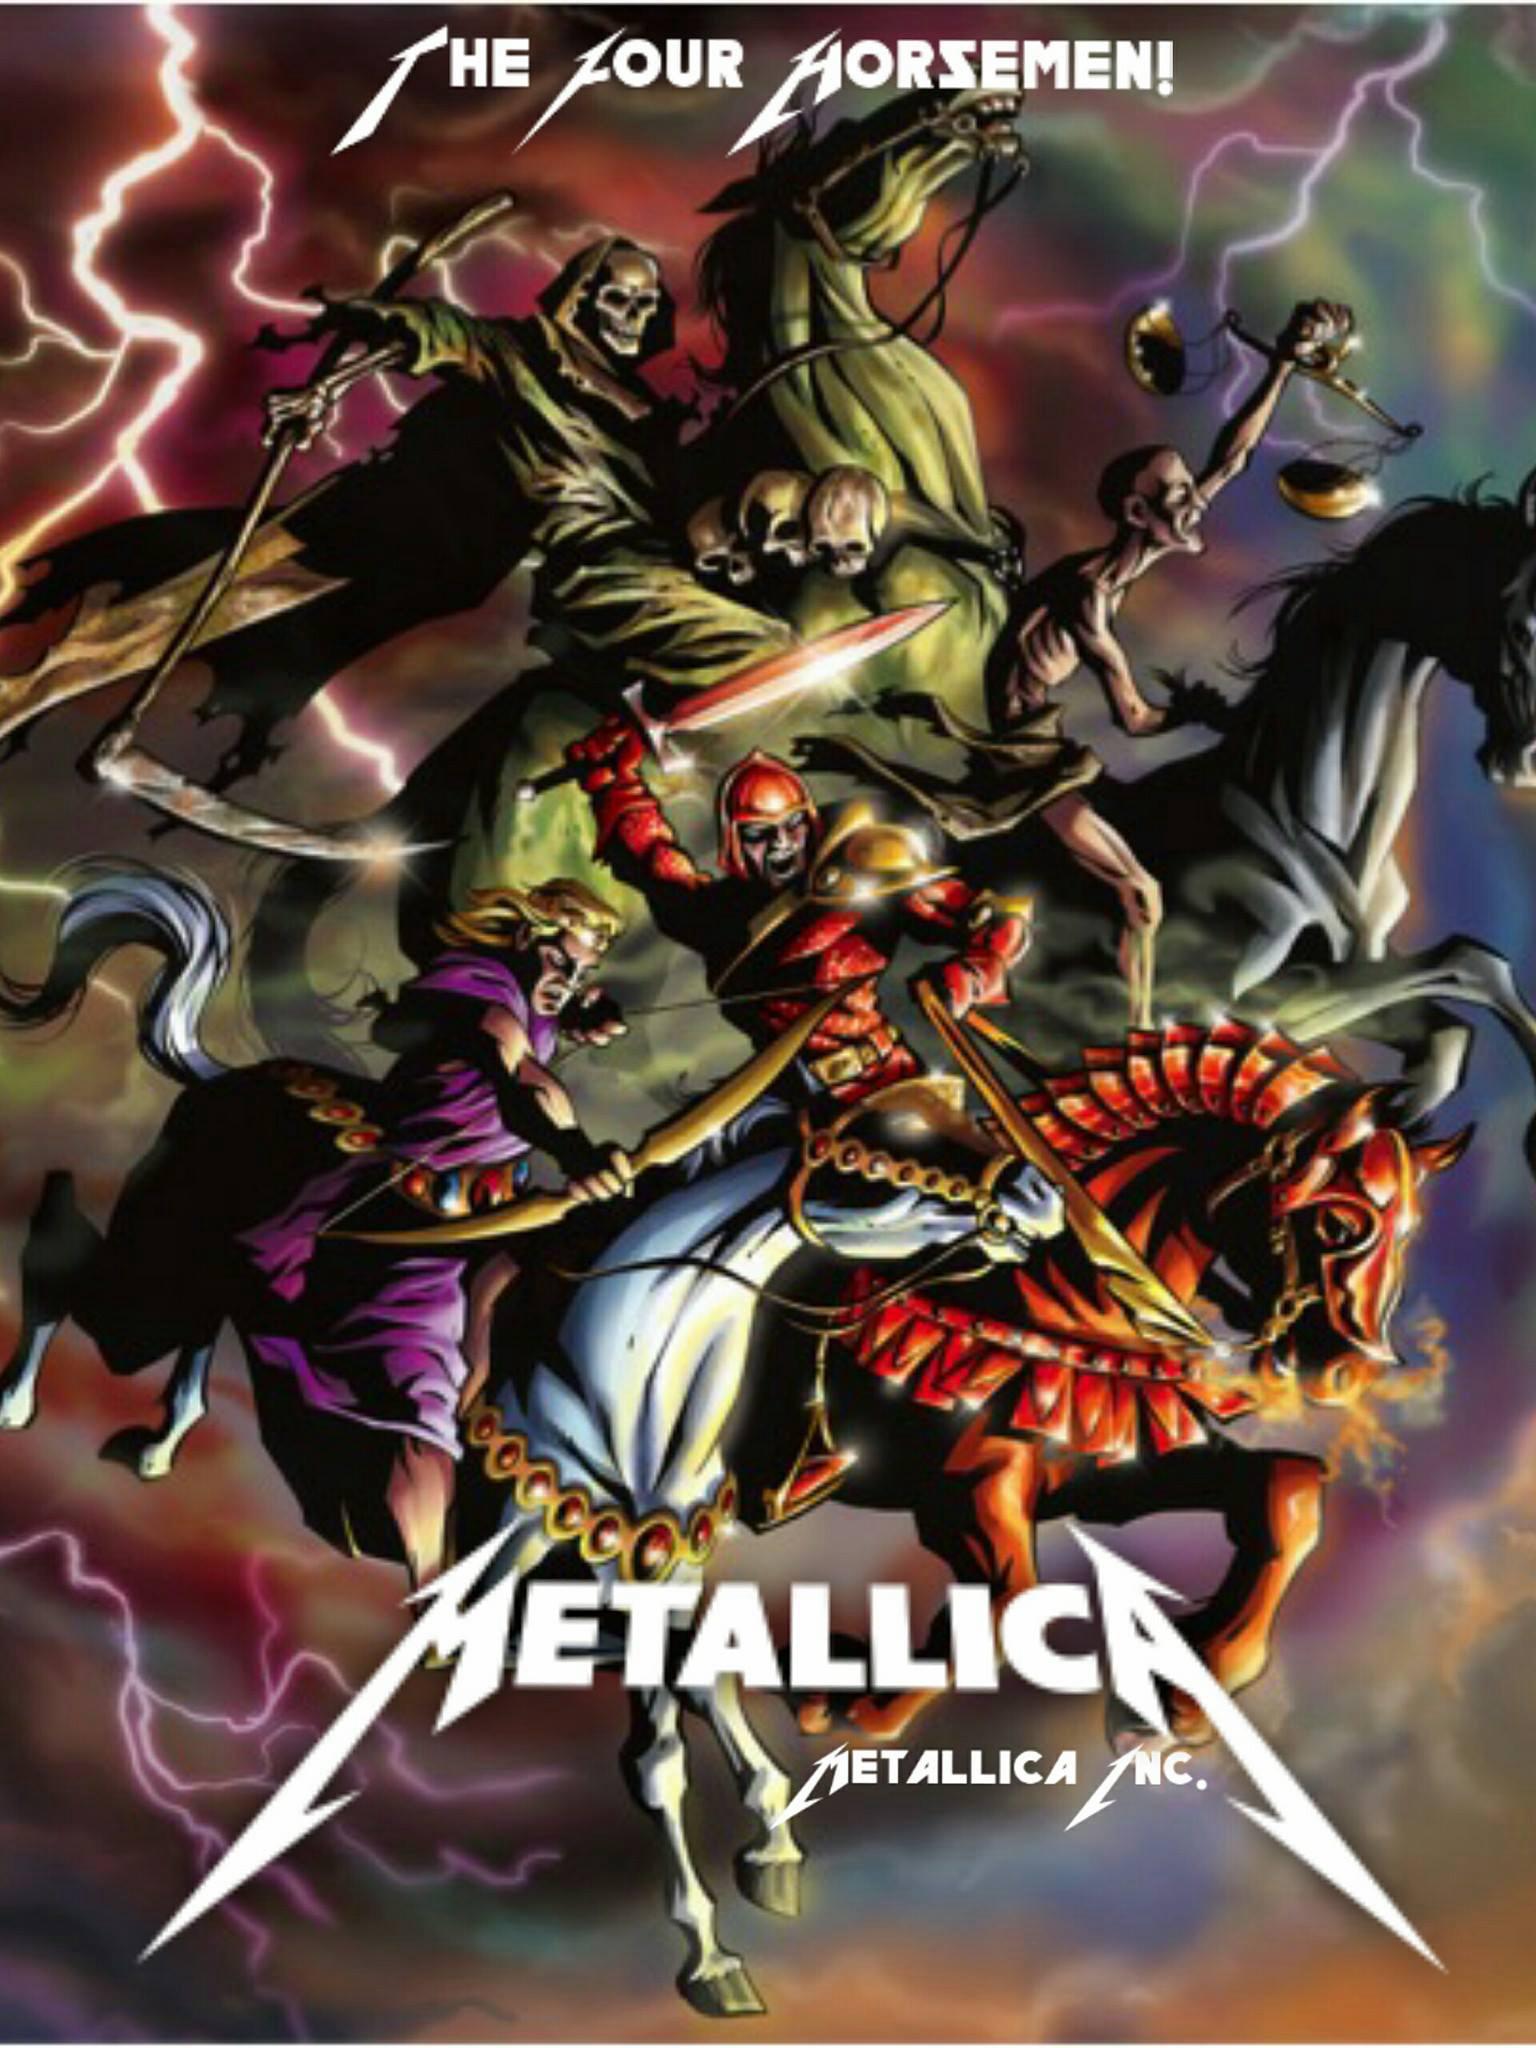 The Four Horsemen Metallica Metallica Art Horsemen Of The Apocalypse Metallica